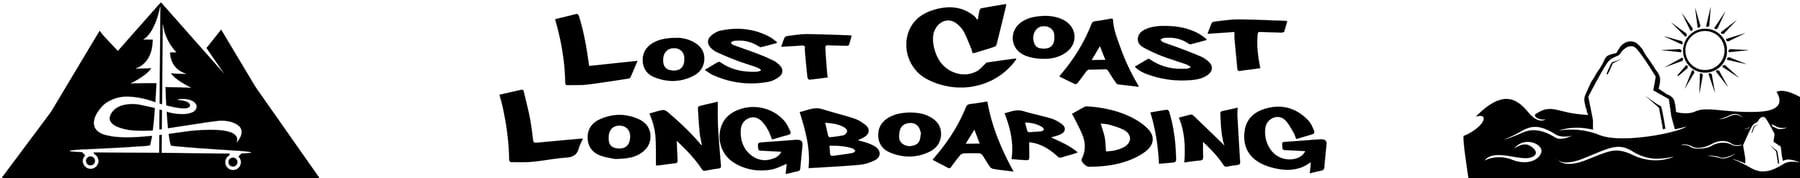 Lost Coast Longboarding